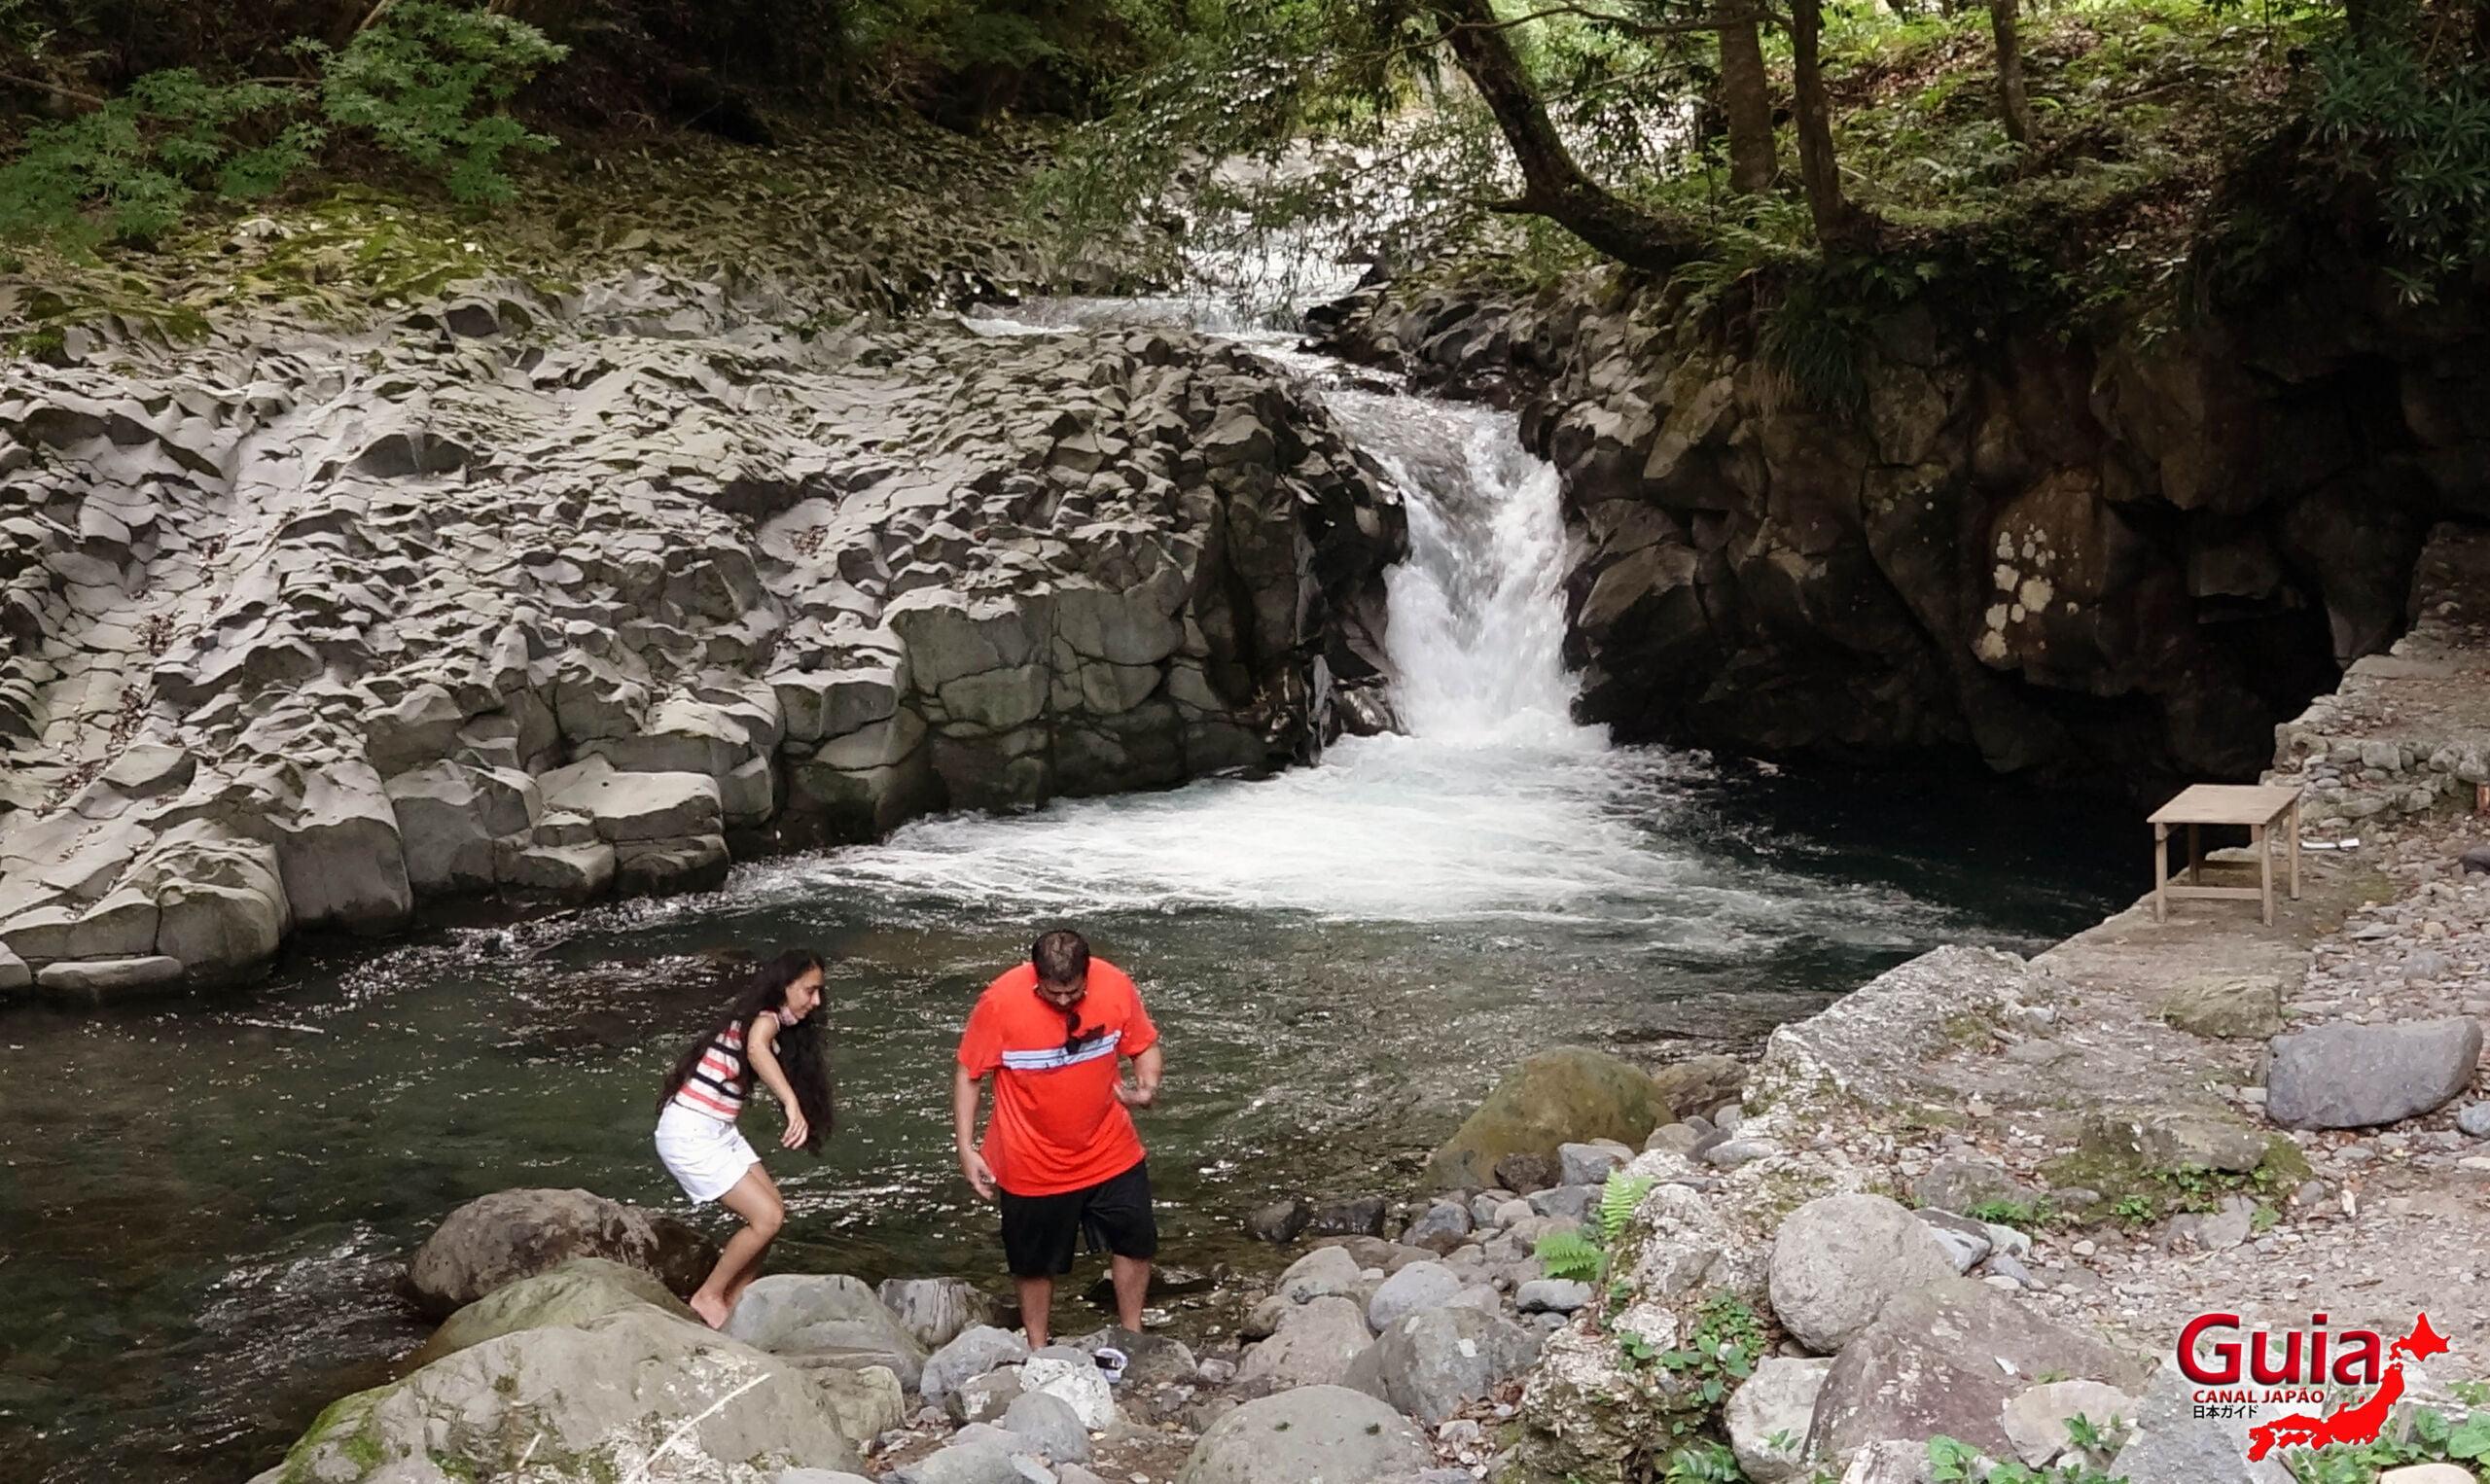 Cachoeira Kanidaru - Cachoeira do Caranguejo 4